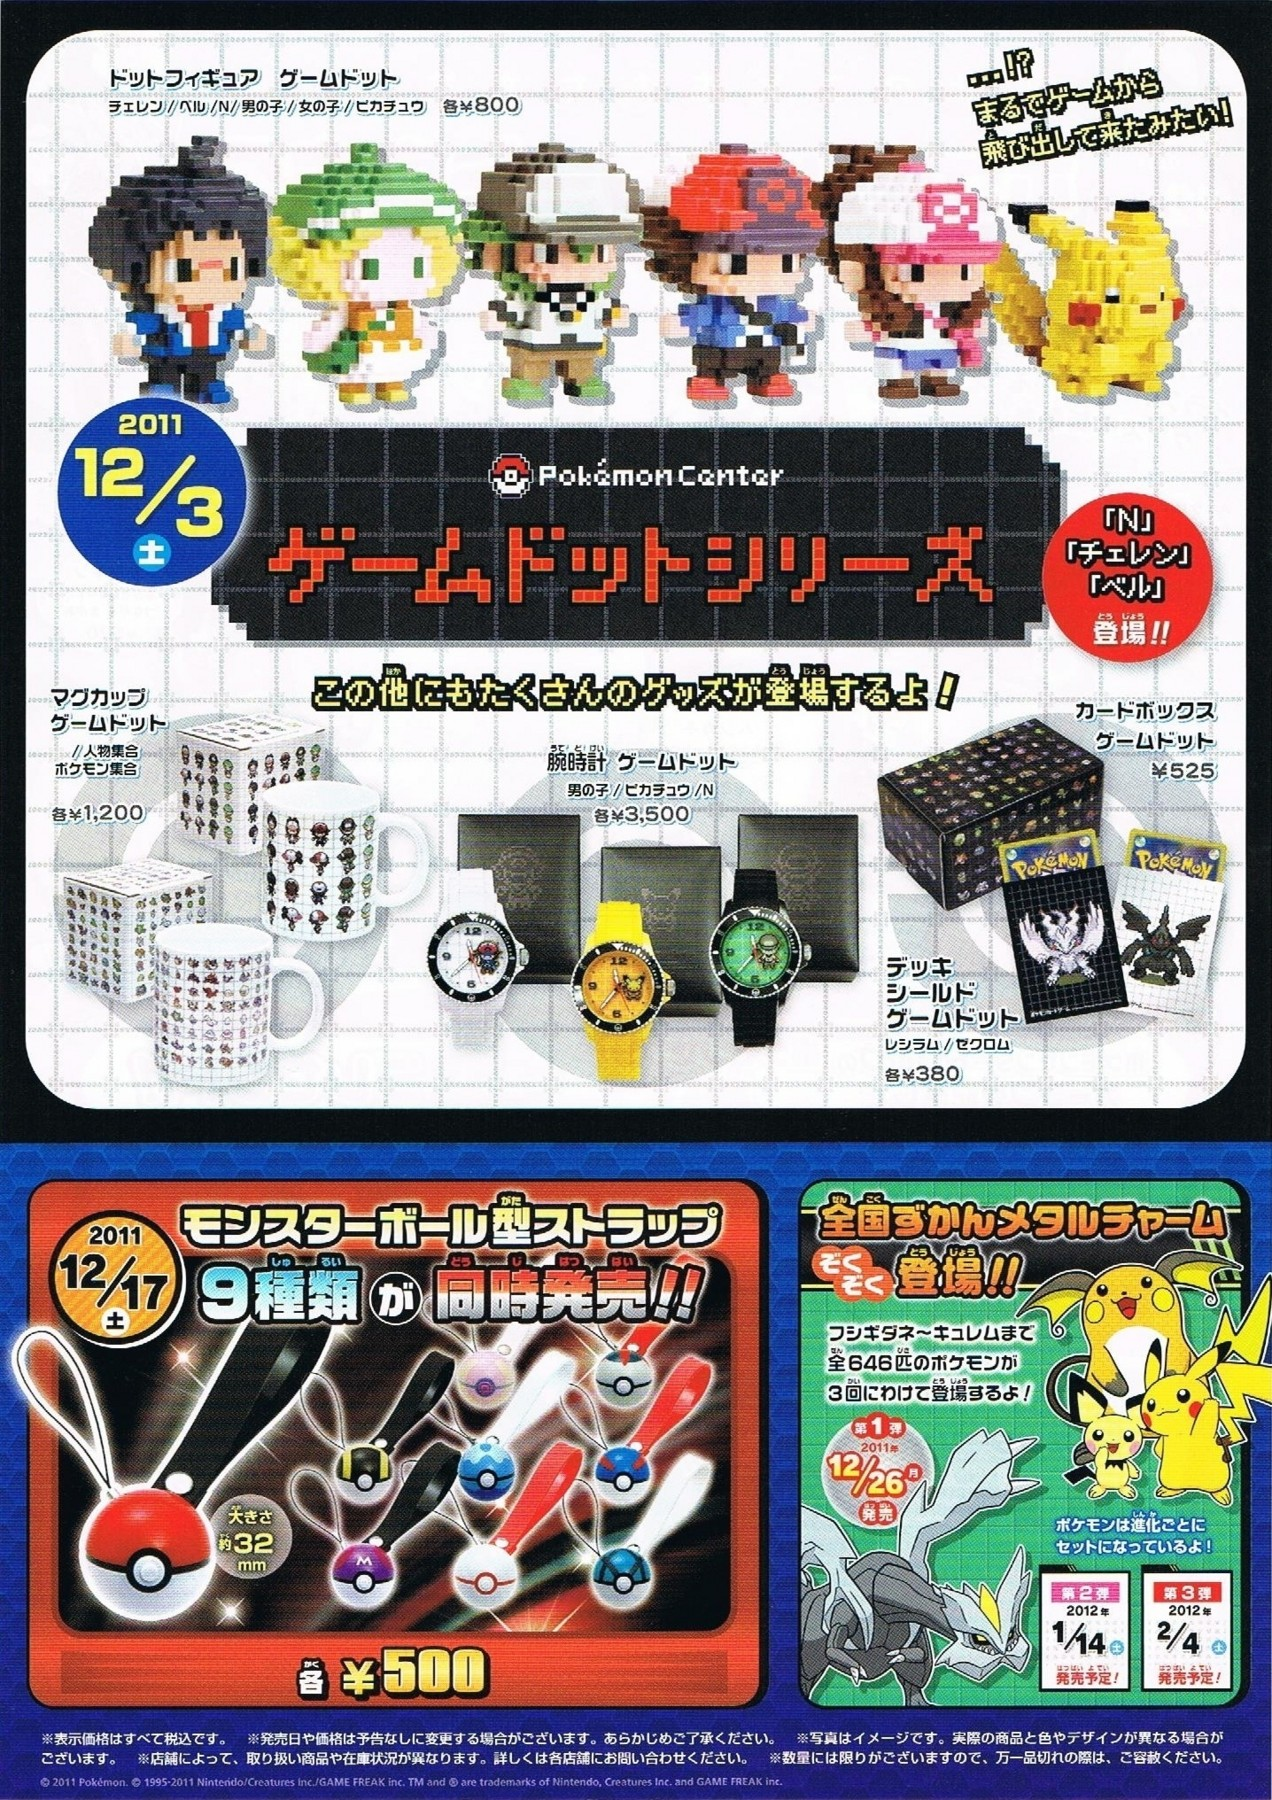 予告】ゲームドットシリーズ 第2弾(2011年12月3日(土)発売) / モンスター